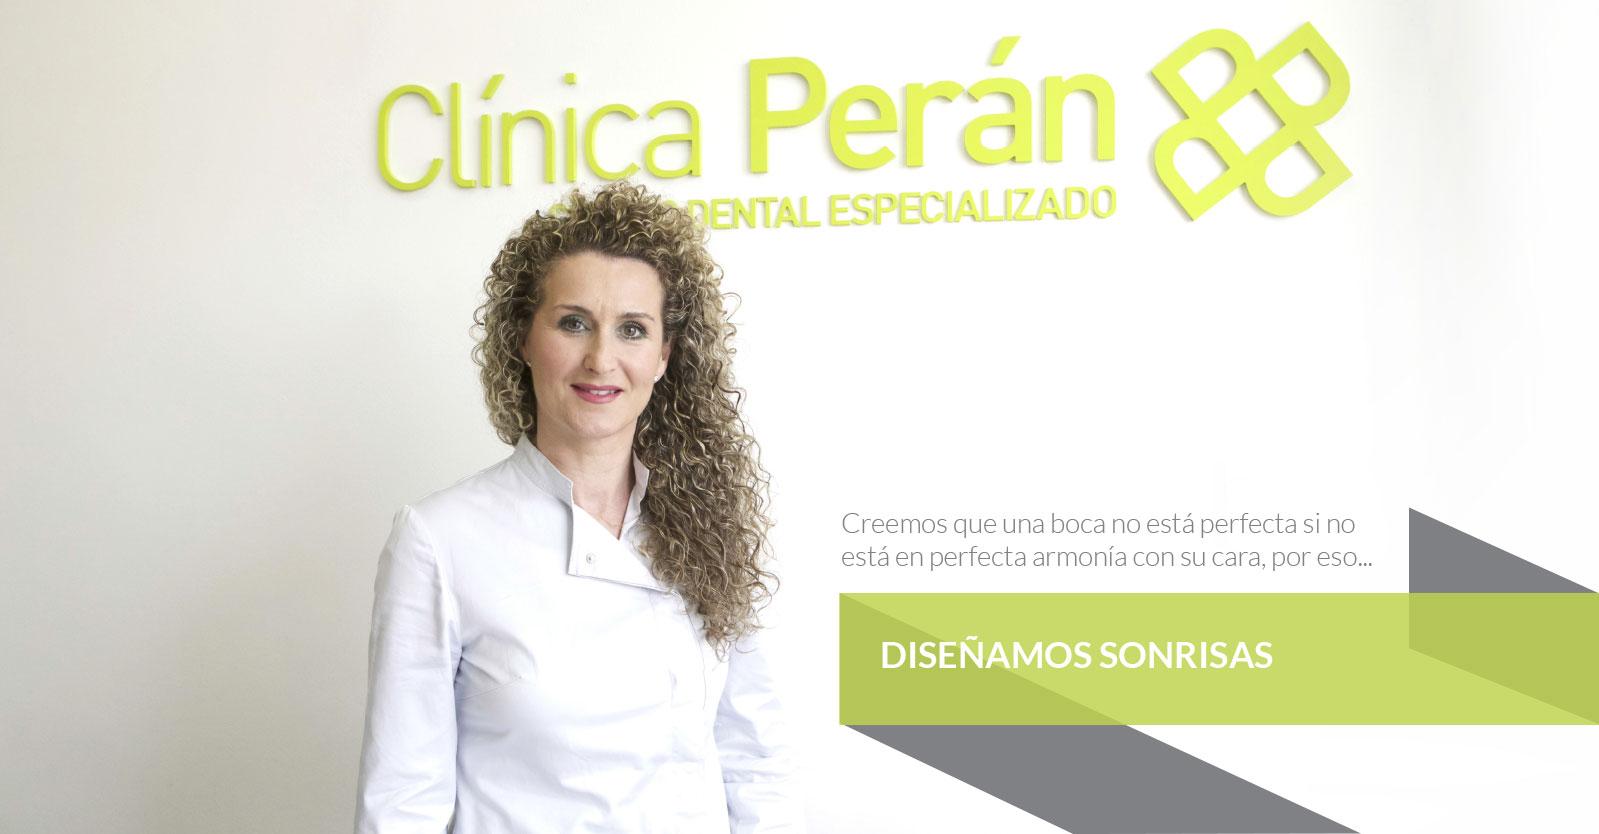 dentistas-quienes-somos-clínica-dental-cordoba-peran